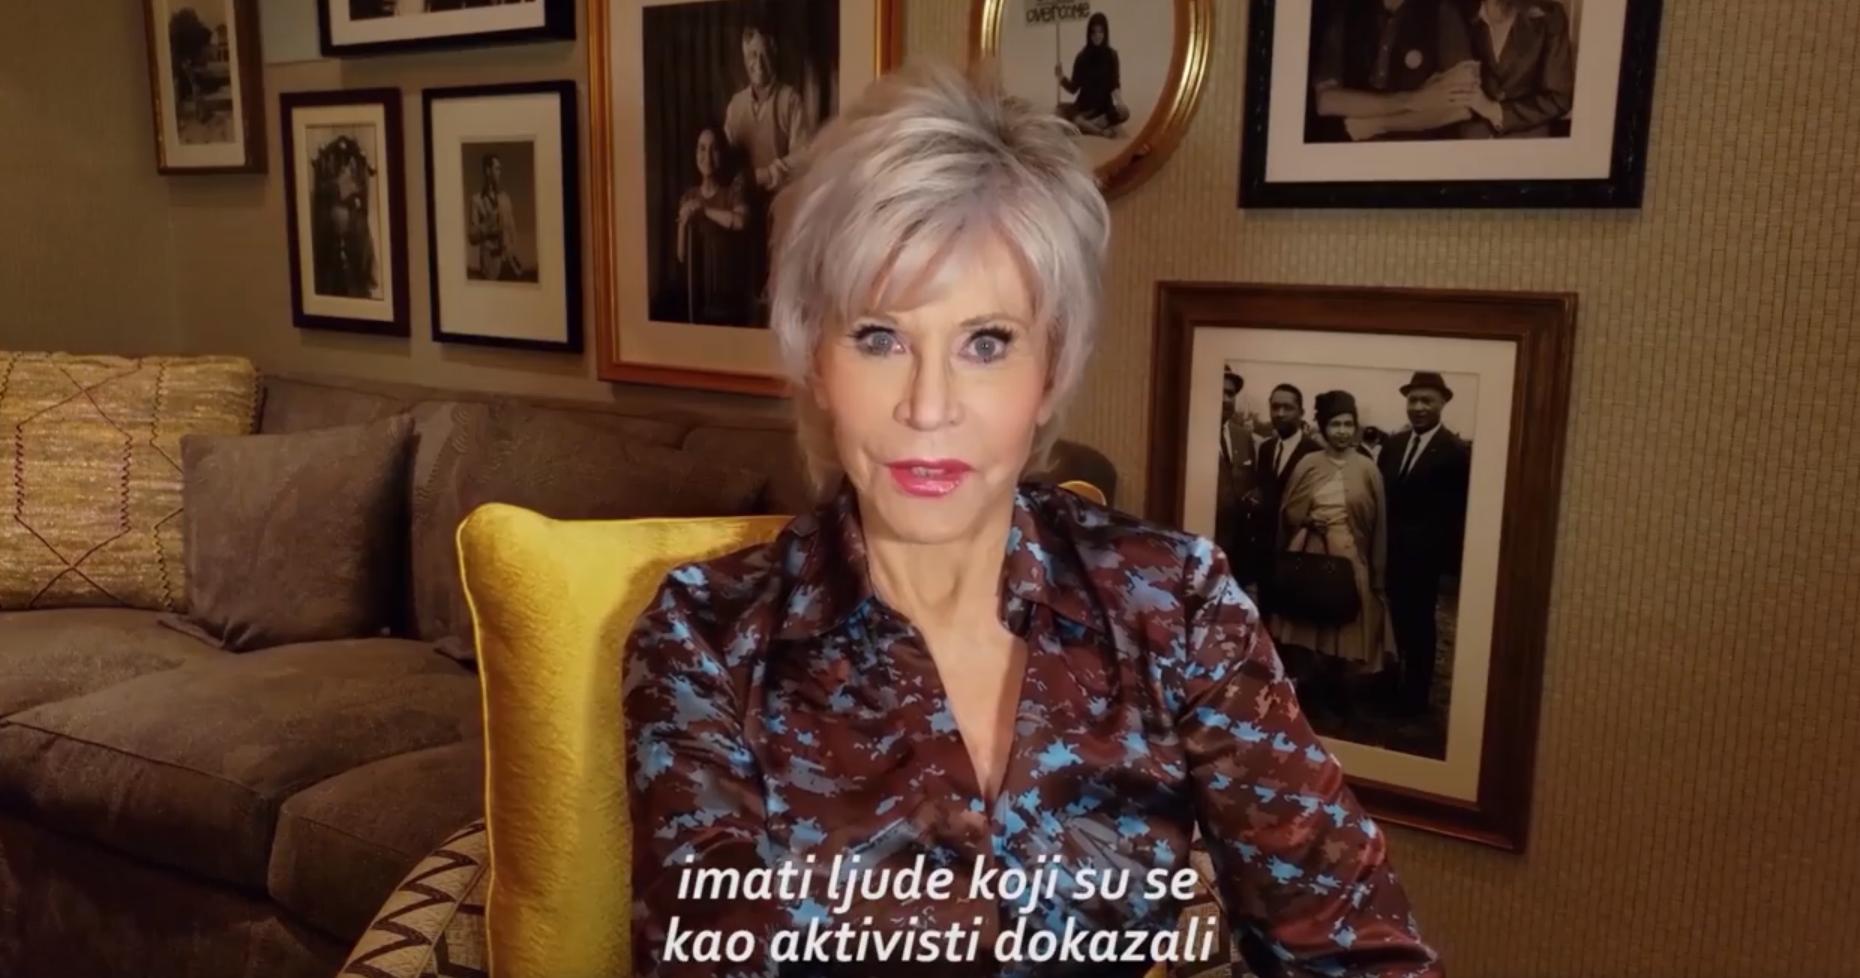 Podrška Jane Fonde